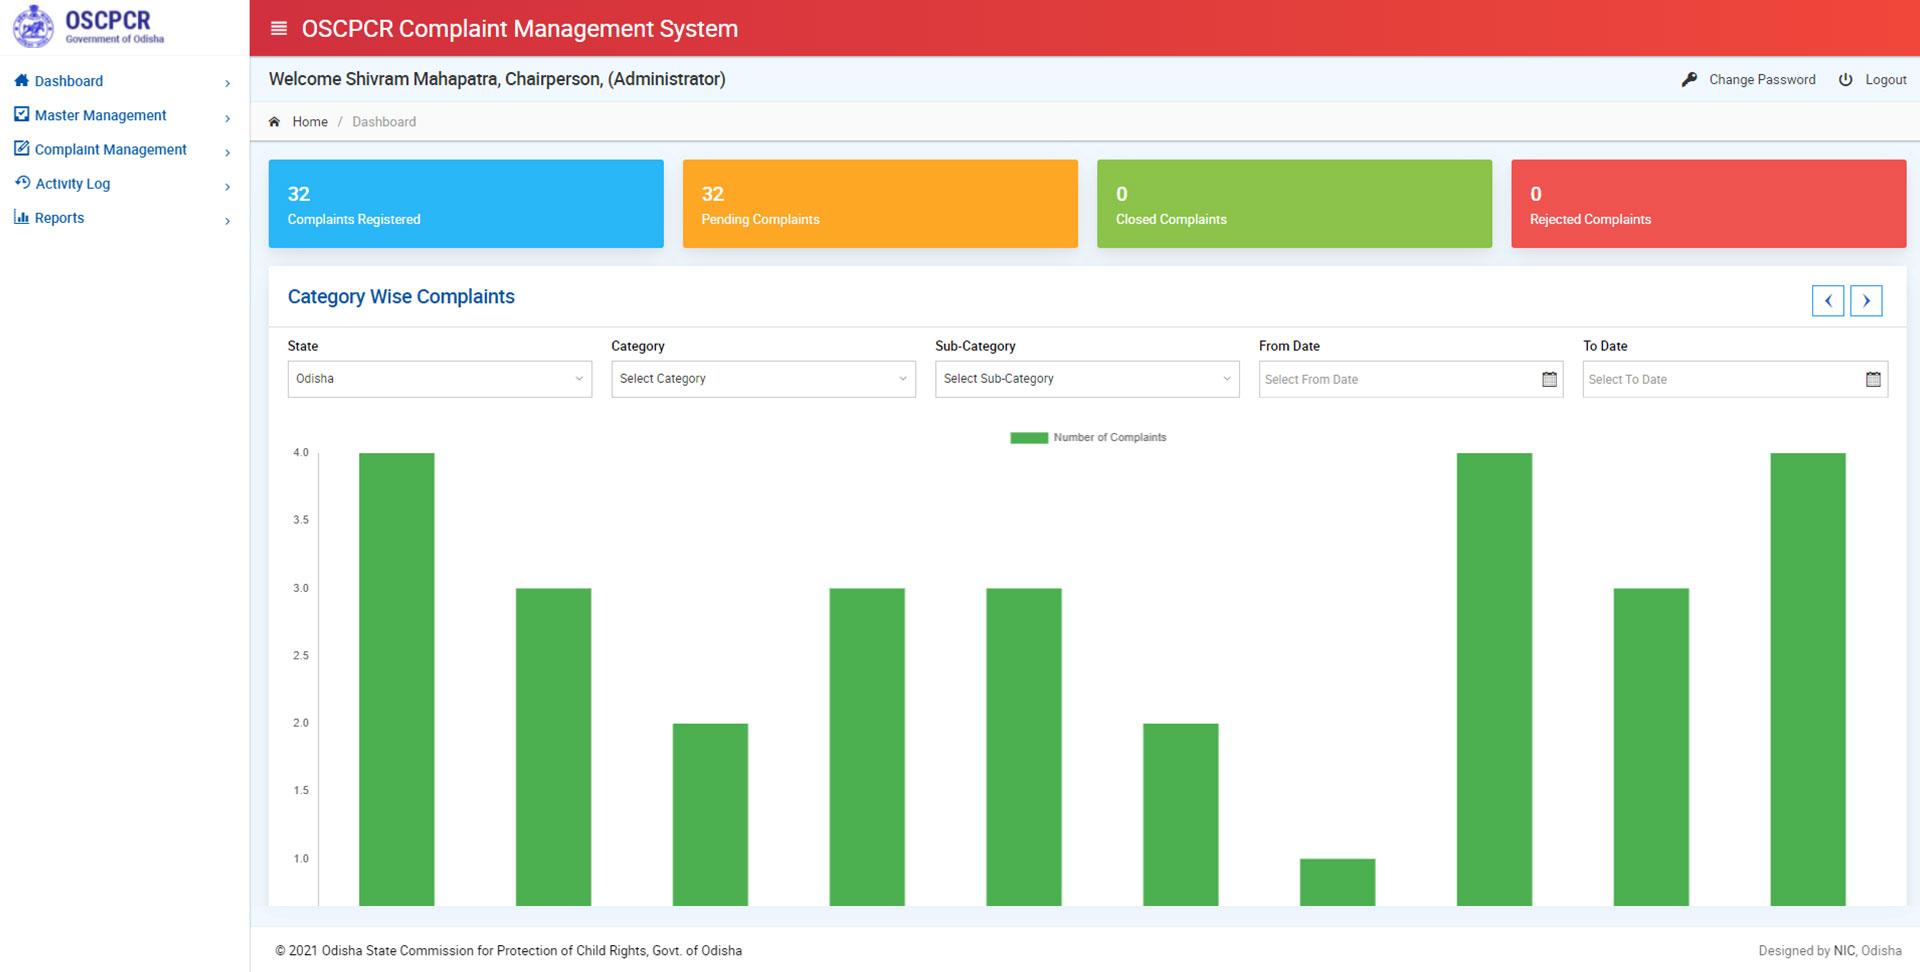 Complaint-Management-System-OSCPCR-s1